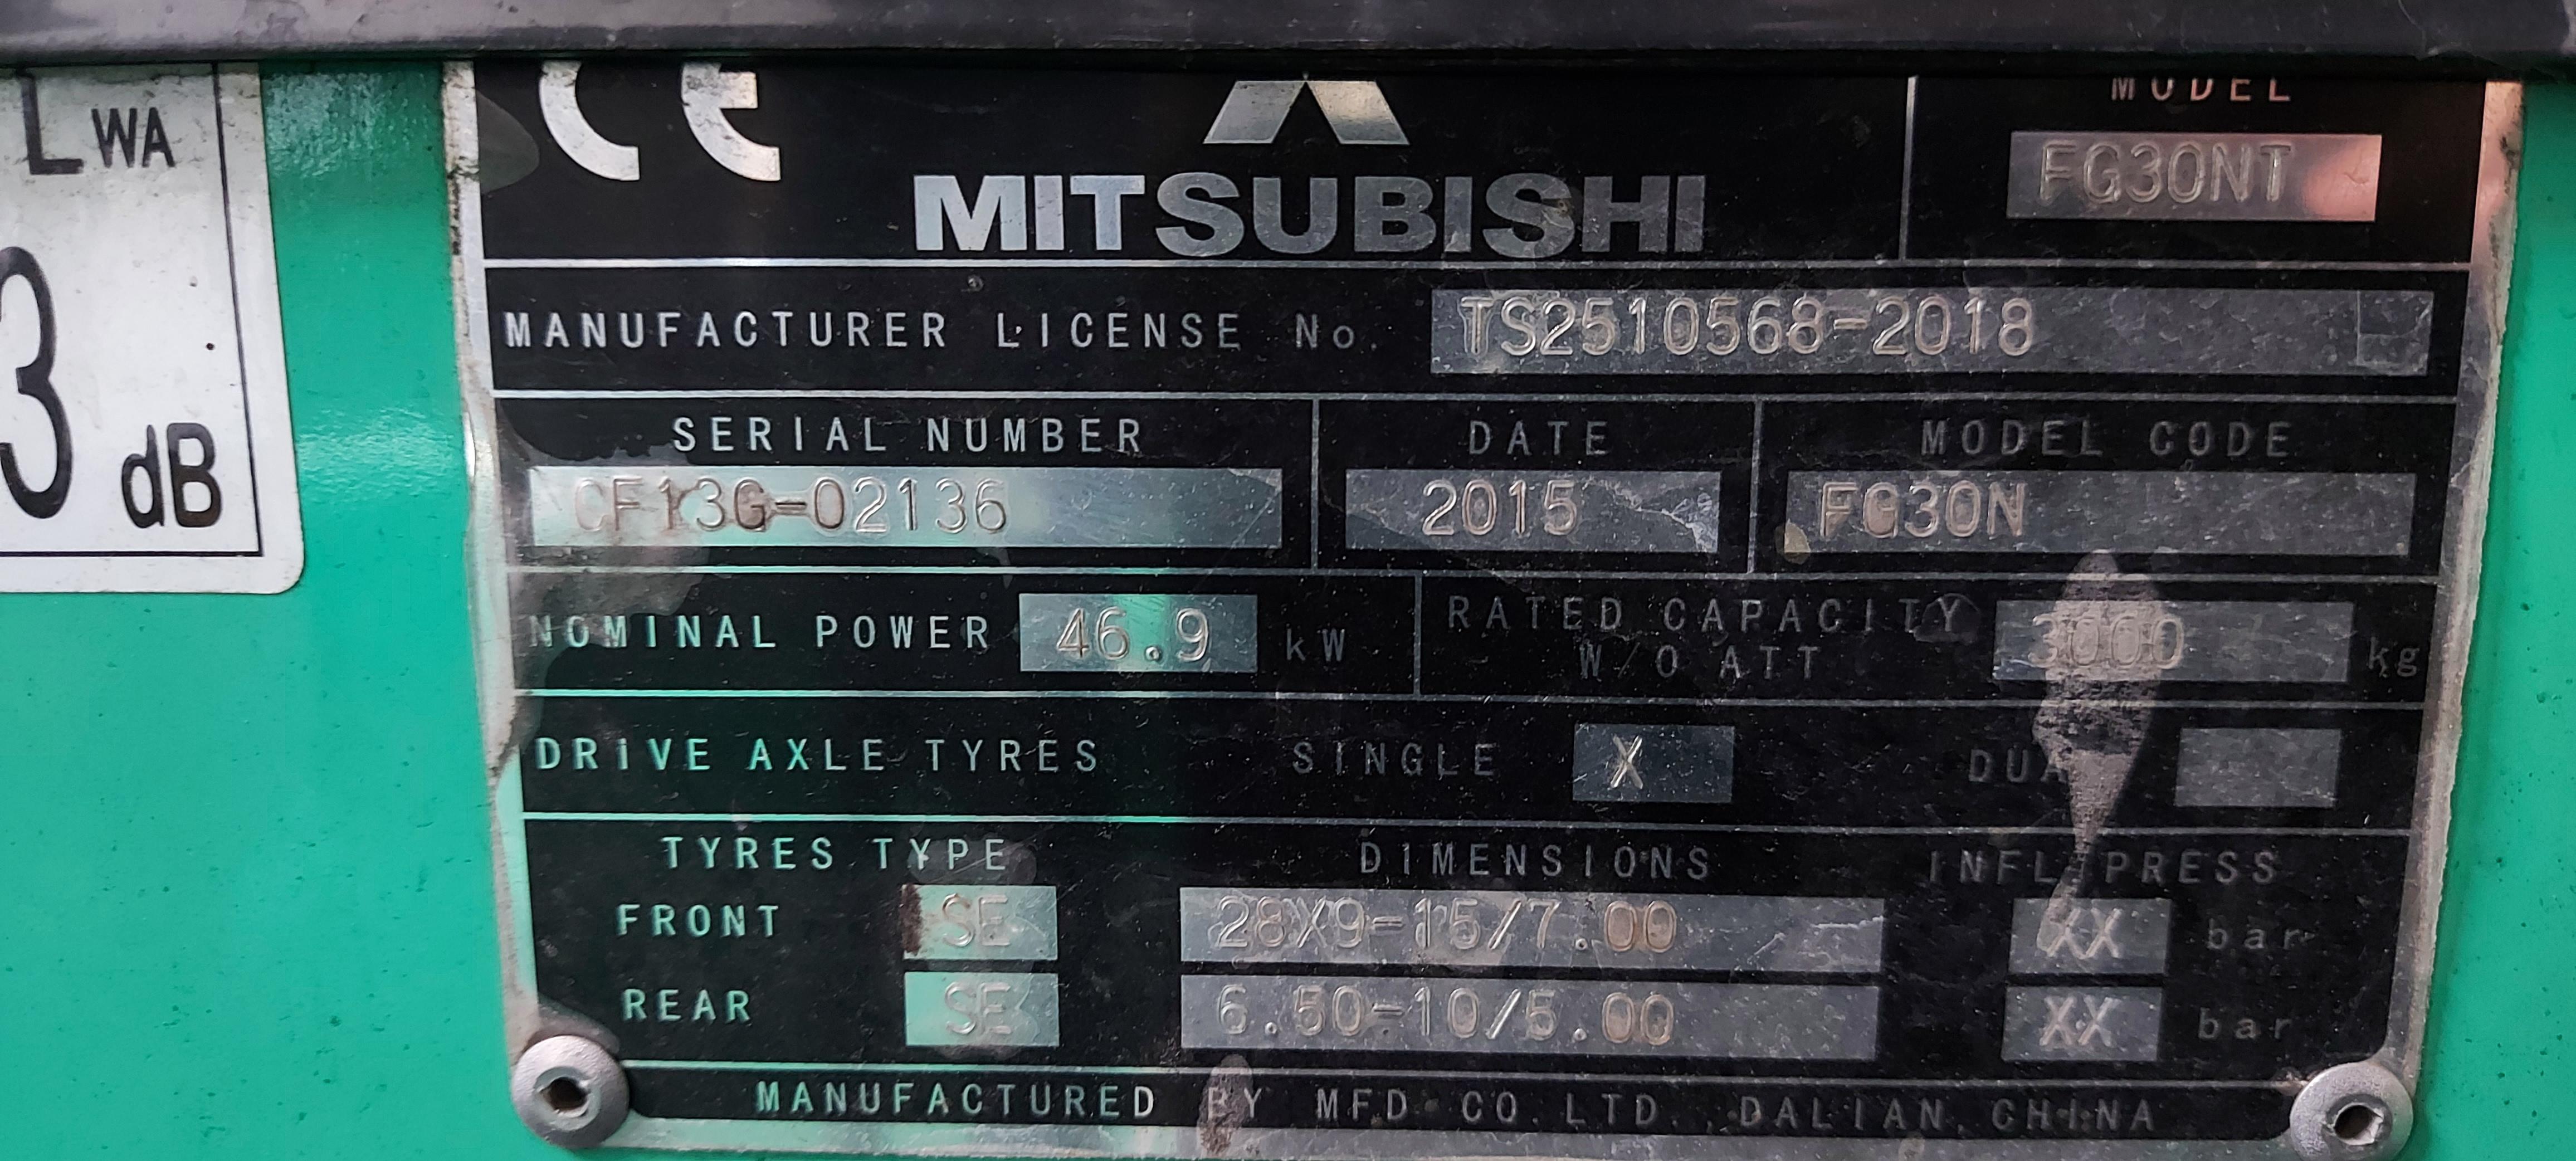 Mitsubishi FG30N